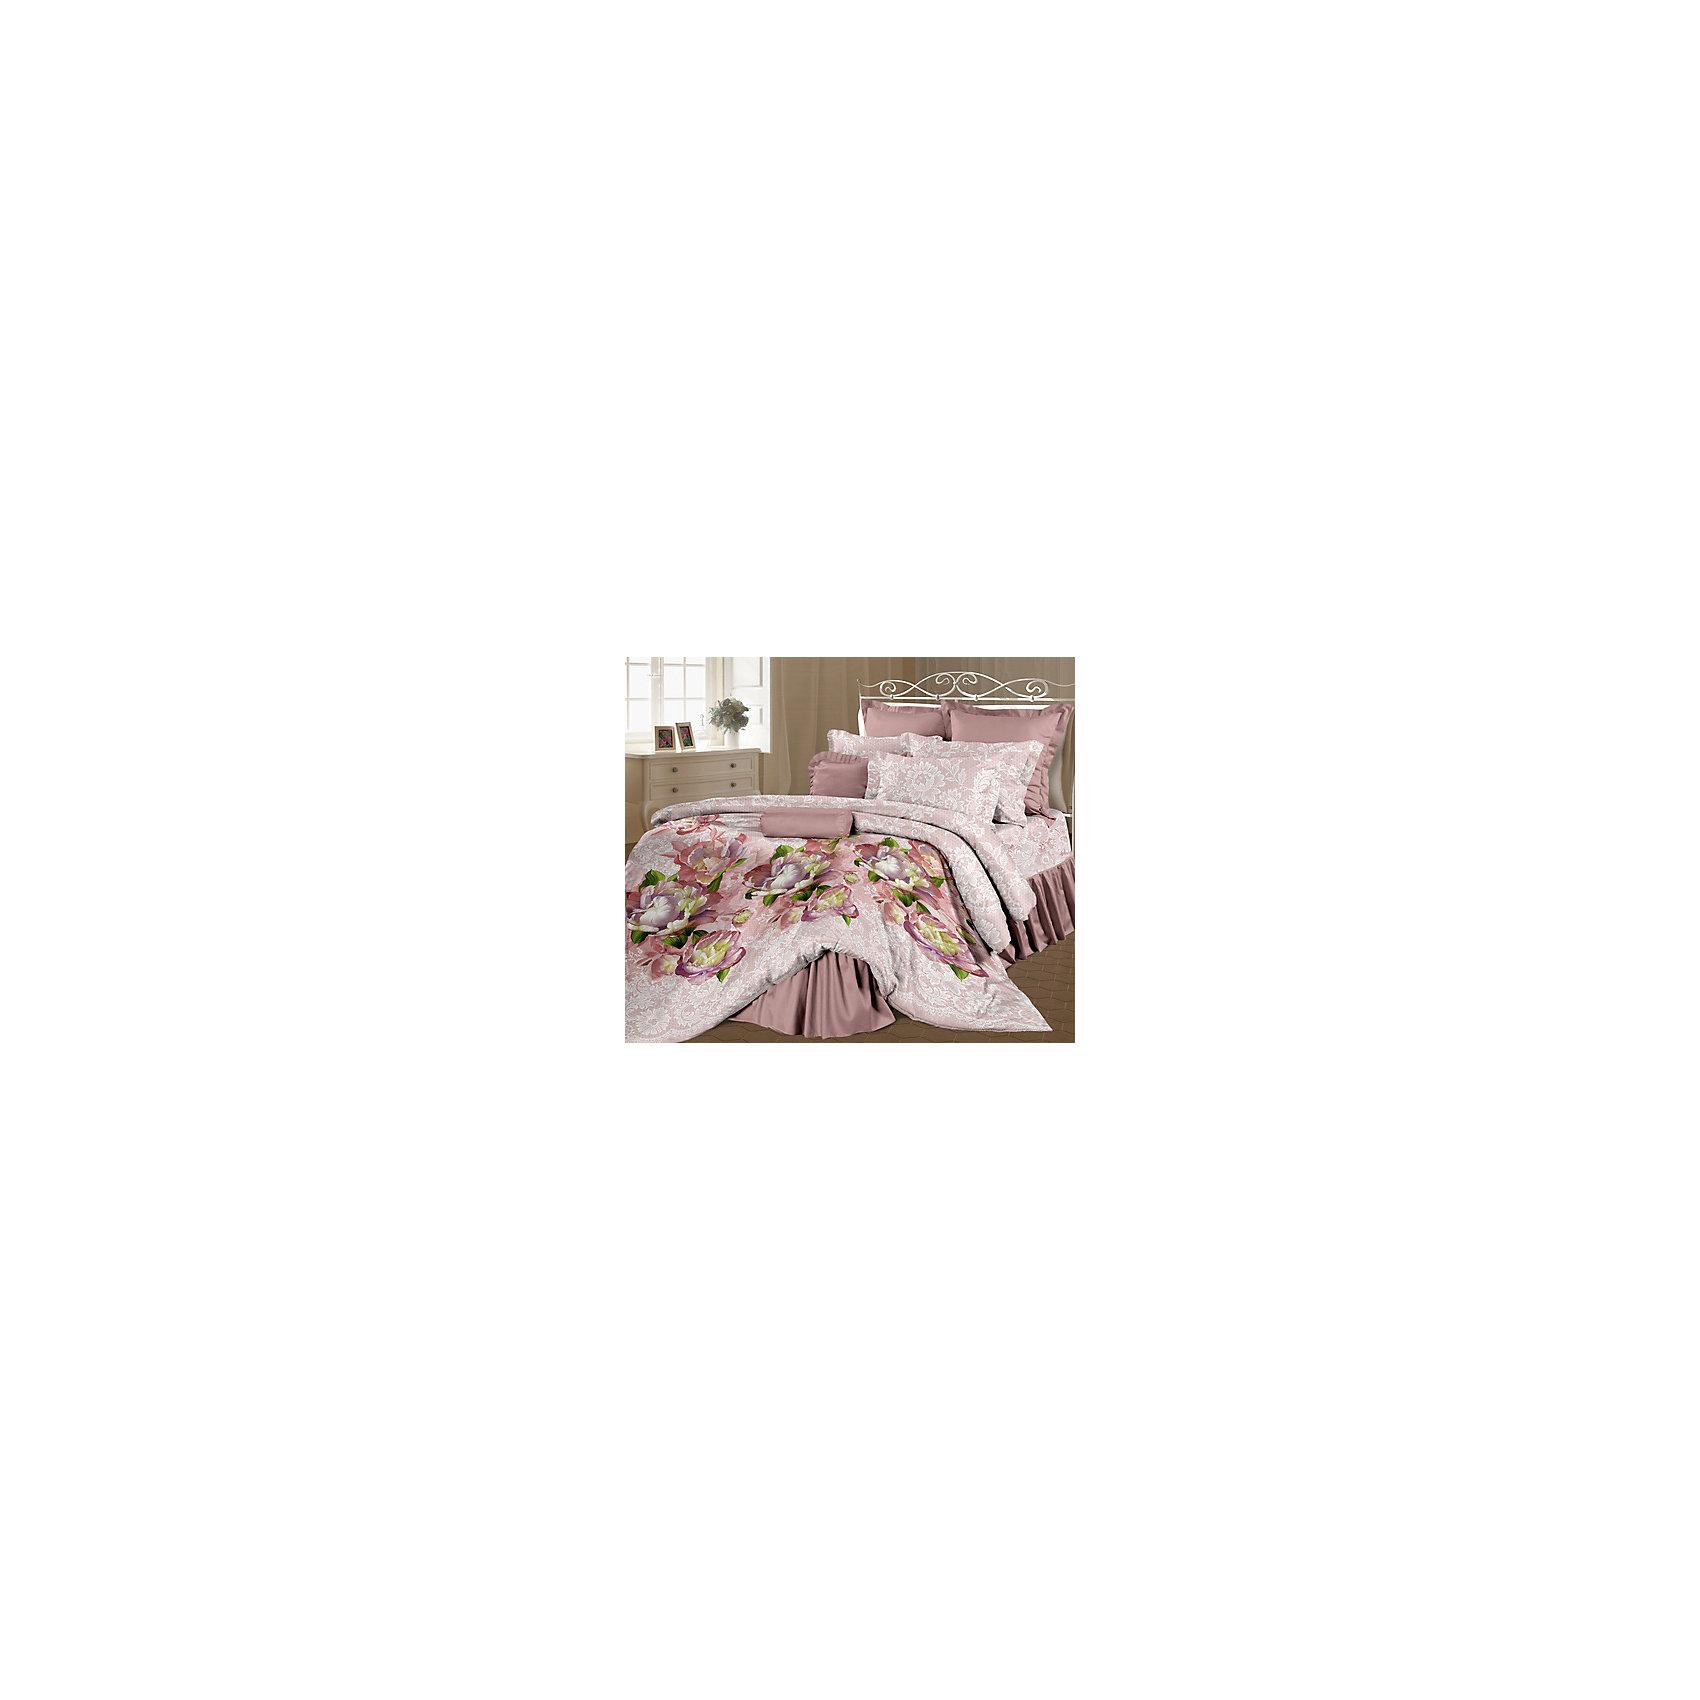 Постельное белье Семейный Корнелия, перкаль, РомантикаДомашний текстиль<br>Характеристики товара:<br><br>• материал: хлопок;<br>• 2 пододеяльника 215х145 см<br>• простыня 220х240 см<br>• 2 наволочки 70х70 см;<br>• размер упаковки 50х50х15 см;<br>• вес упаковки 1,42 кг;<br>• страна производитель: Россия.<br><br>Постельное белье Семейный «Корнелия» перкаль Романтика обеспечит уютный и спокойный сон. Комплект изготовлен из мягкого перкаля — хлопчатобумажной ткани особой прочности и износостойкости, приятной на ощупь. Она не вызывает аллергических реакций, не линяет и не теряет цвет после стирки.<br><br>Постельное белье Семейный «Корнелия» перкаль Романтика можно приобрести в нашем интернет-магазине.<br><br>Ширина мм: 500<br>Глубина мм: 500<br>Высота мм: 150<br>Вес г: 1420<br>Возраст от месяцев: 216<br>Возраст до месяцев: 1188<br>Пол: Унисекс<br>Возраст: Детский<br>SKU: 5136368